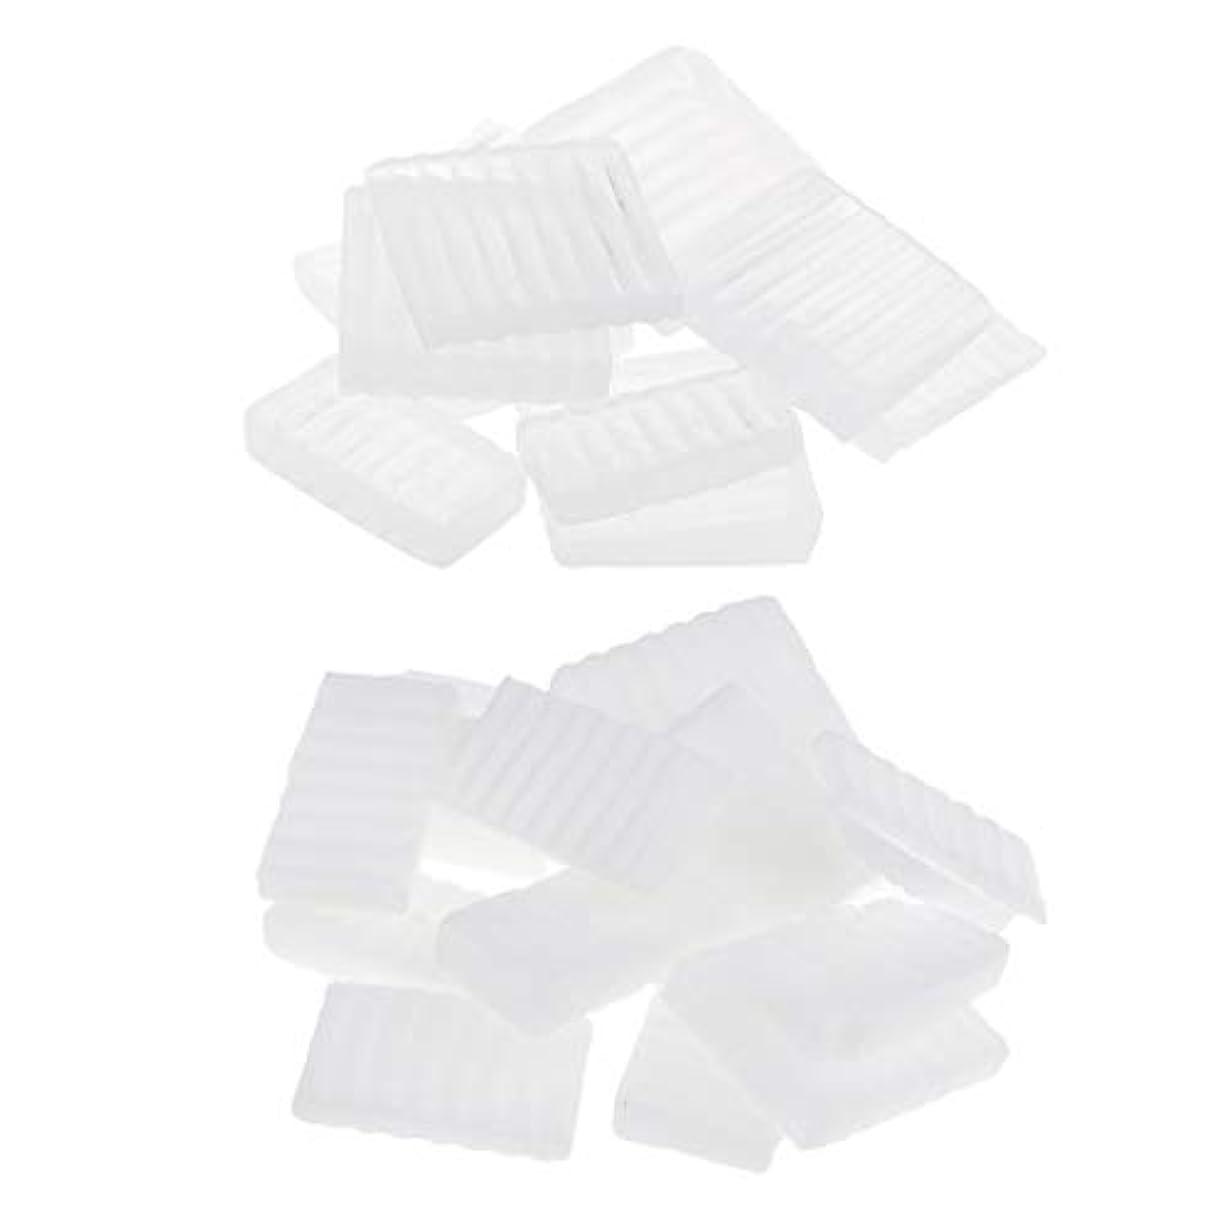 楕円形刈るフィッティングD DOLITY 石鹸作り 1000g 白色 石鹸ベース DIY ハンドメイド 石鹸材料